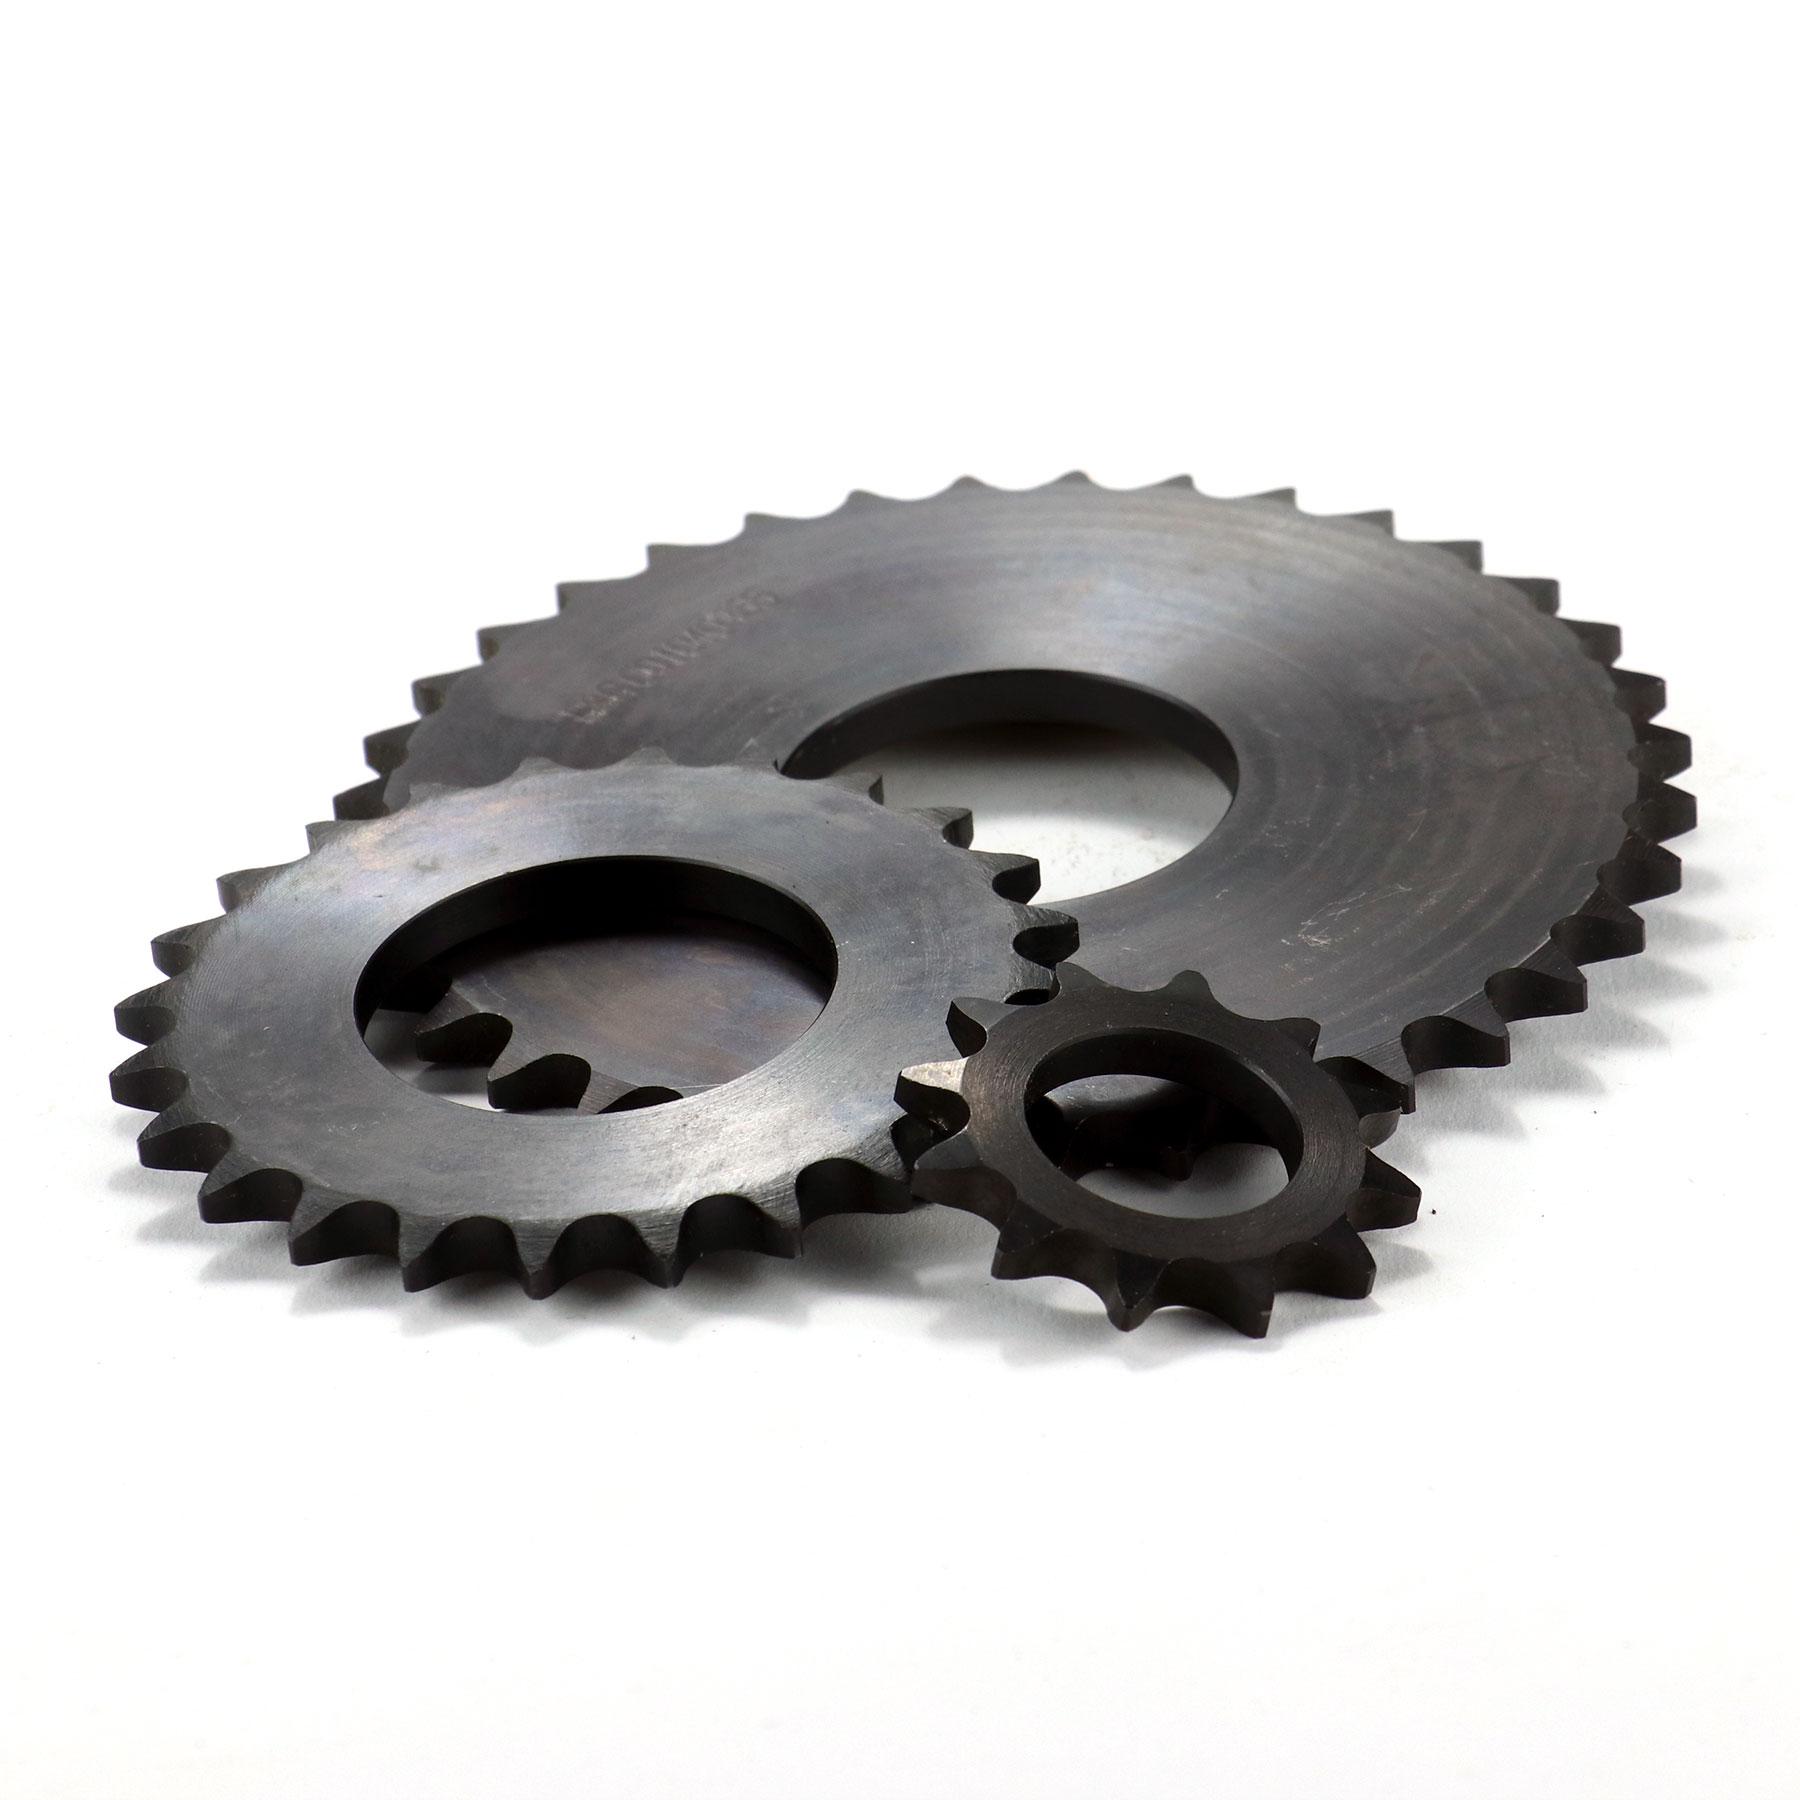 40 chain sprockets, L&M Specialty Fabrication Batavia NY